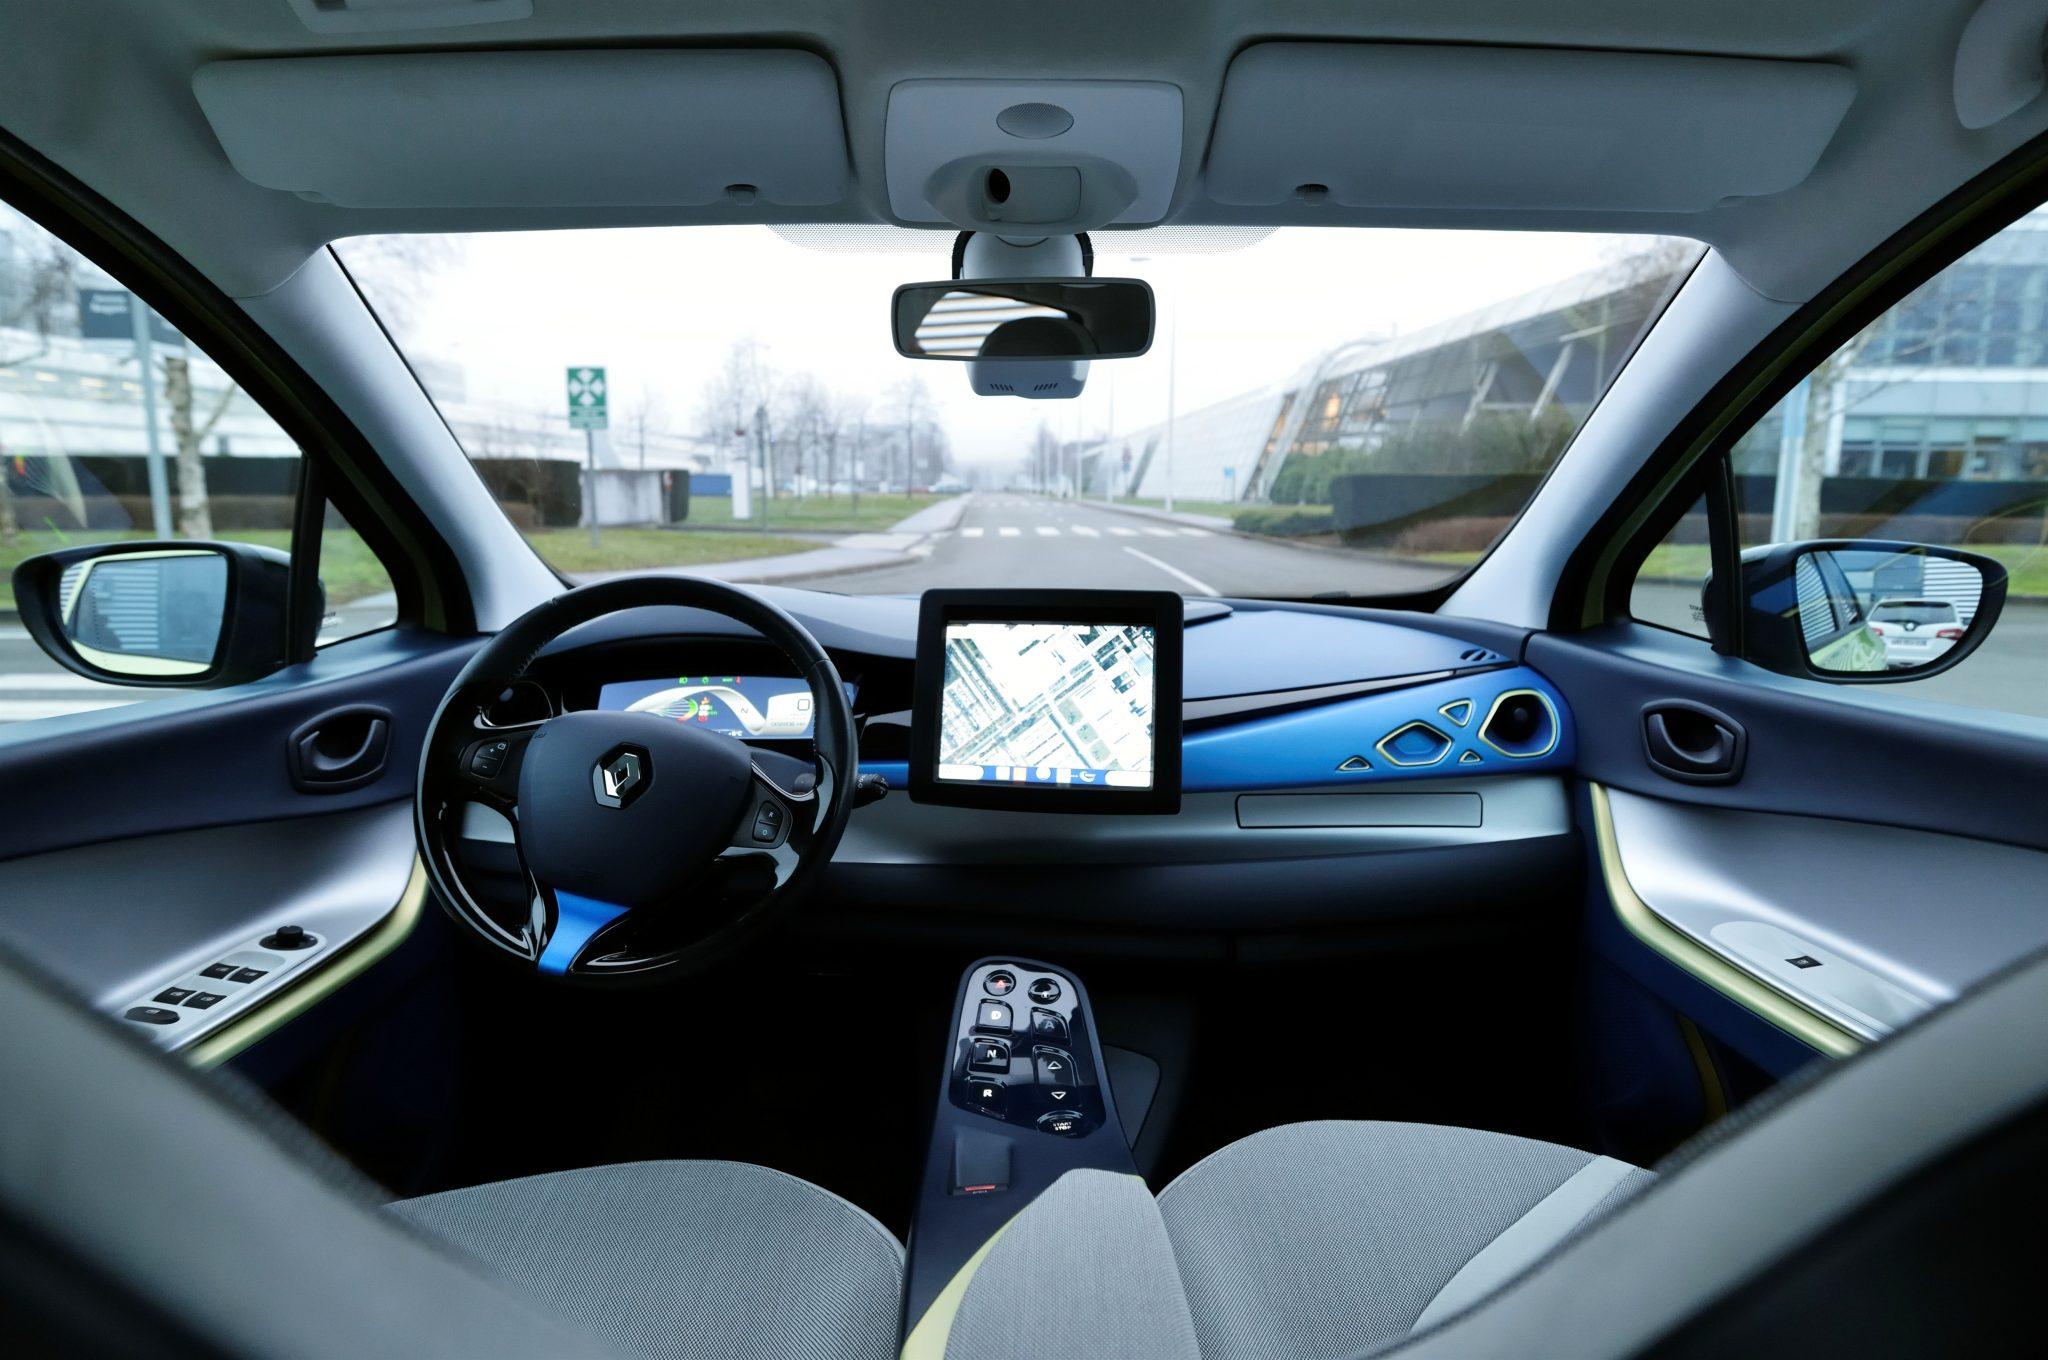 Voiture autonome le gouvernement permet son exp rimentation - Image de vehicule ...